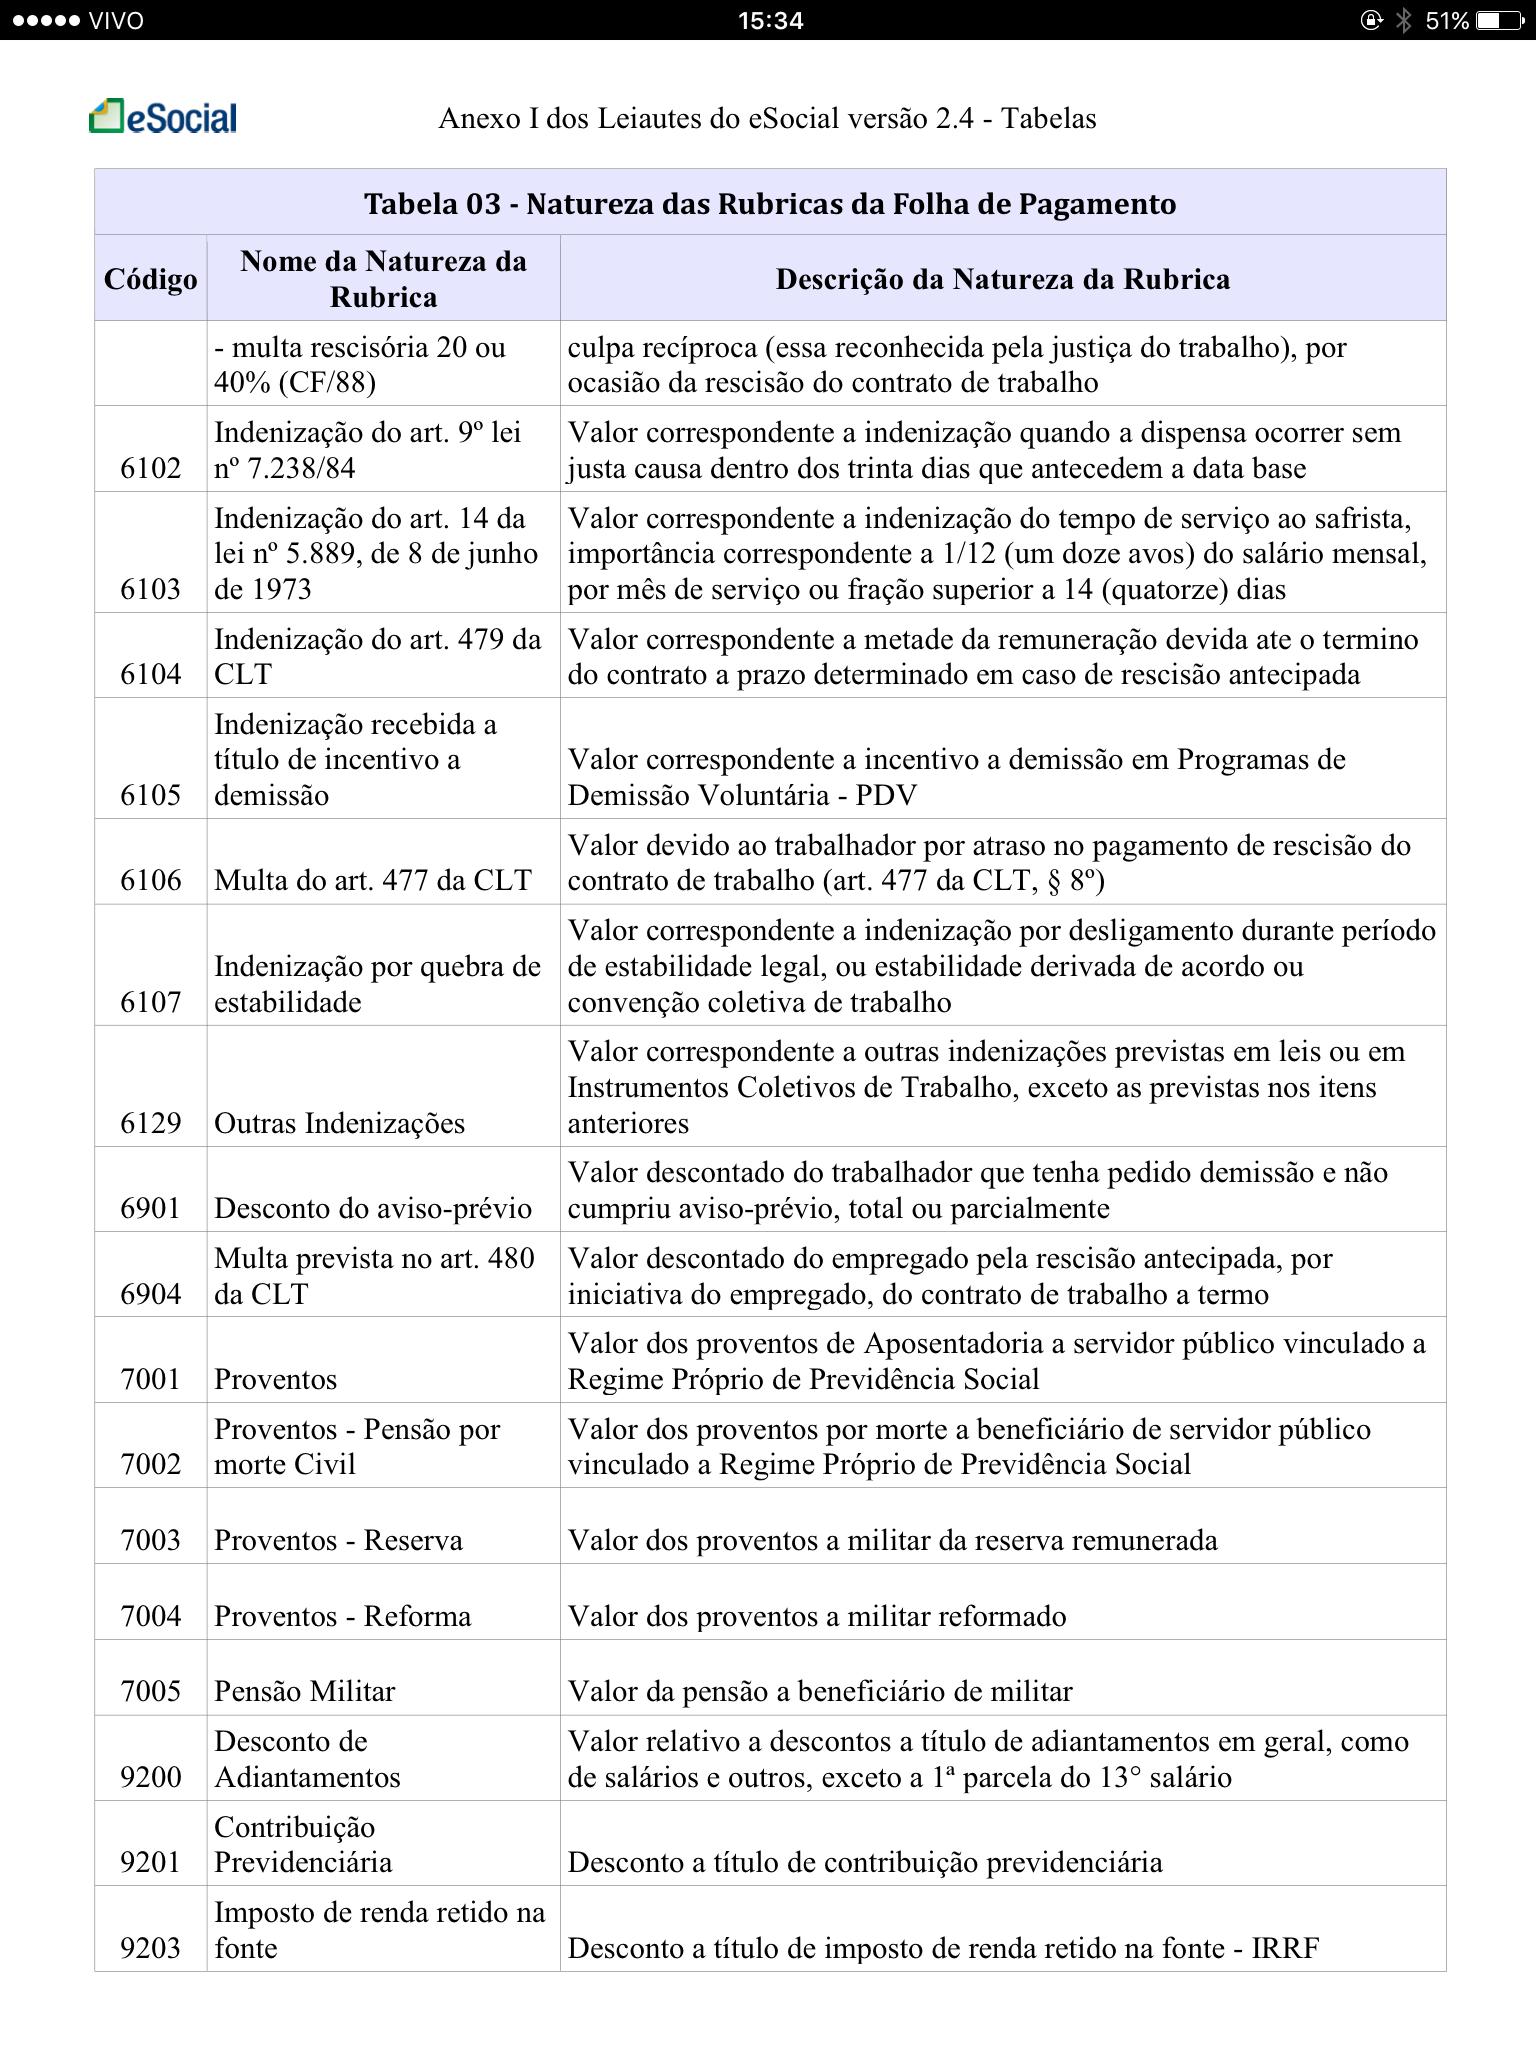 Tabela 3 Natureza das Rubricas da Folha de Pagamento 7